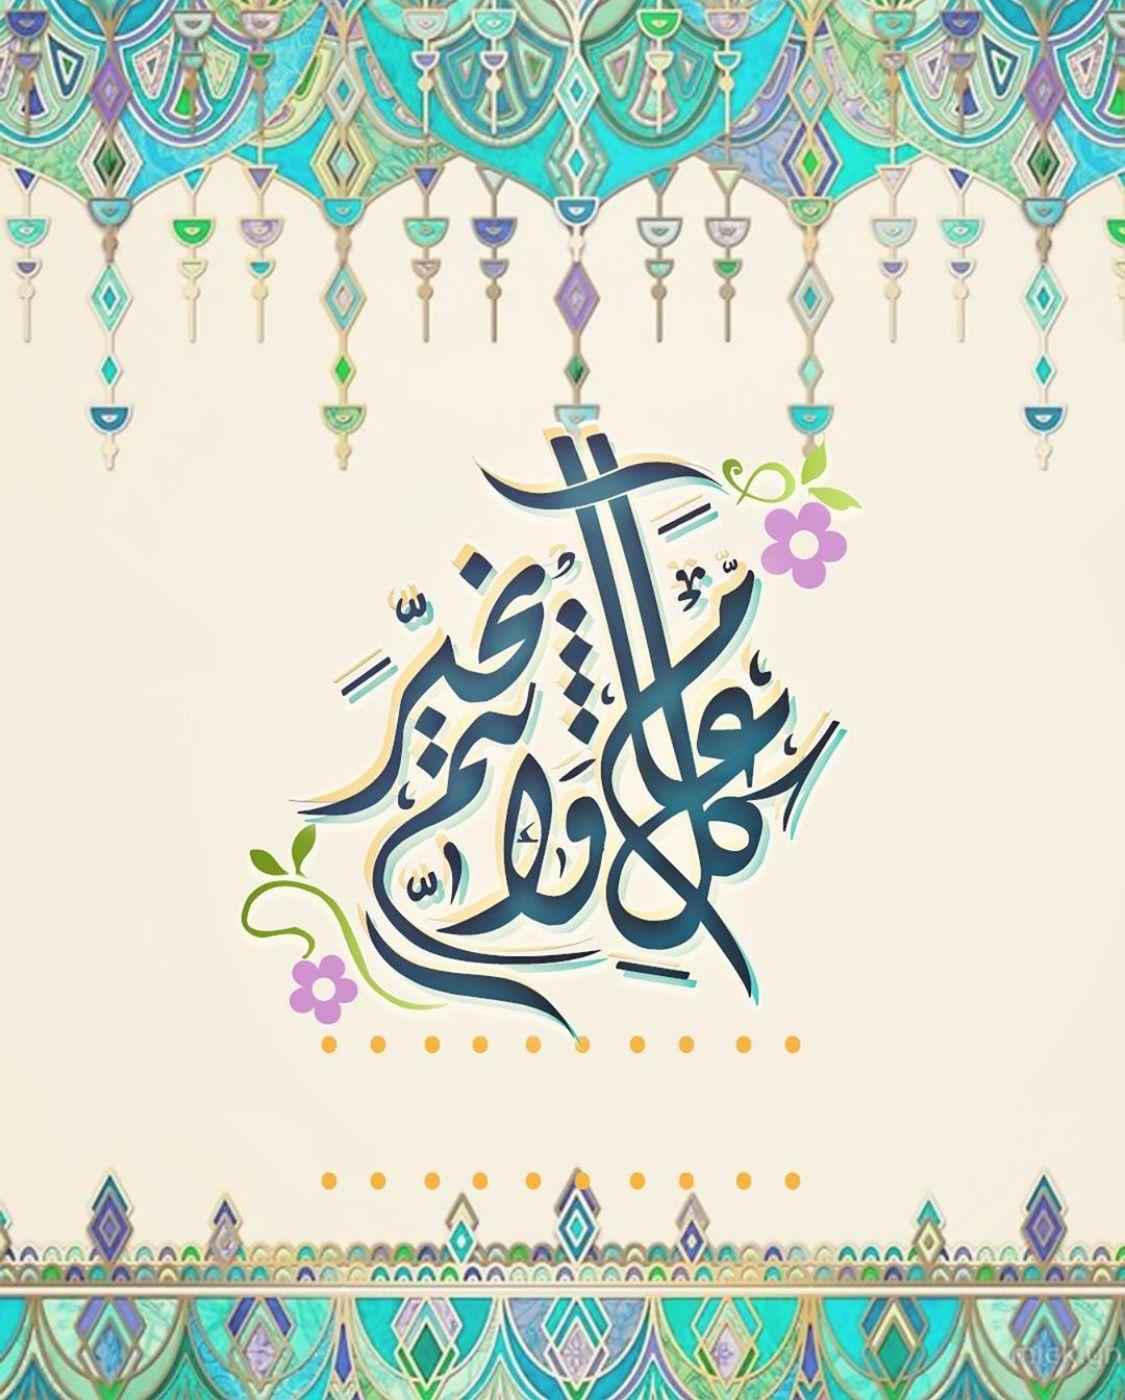 Pin By صورة و كلمة On عيد الفطر عيد الأضحى Eid Mubark Eid Cards Eid Crafts Cards